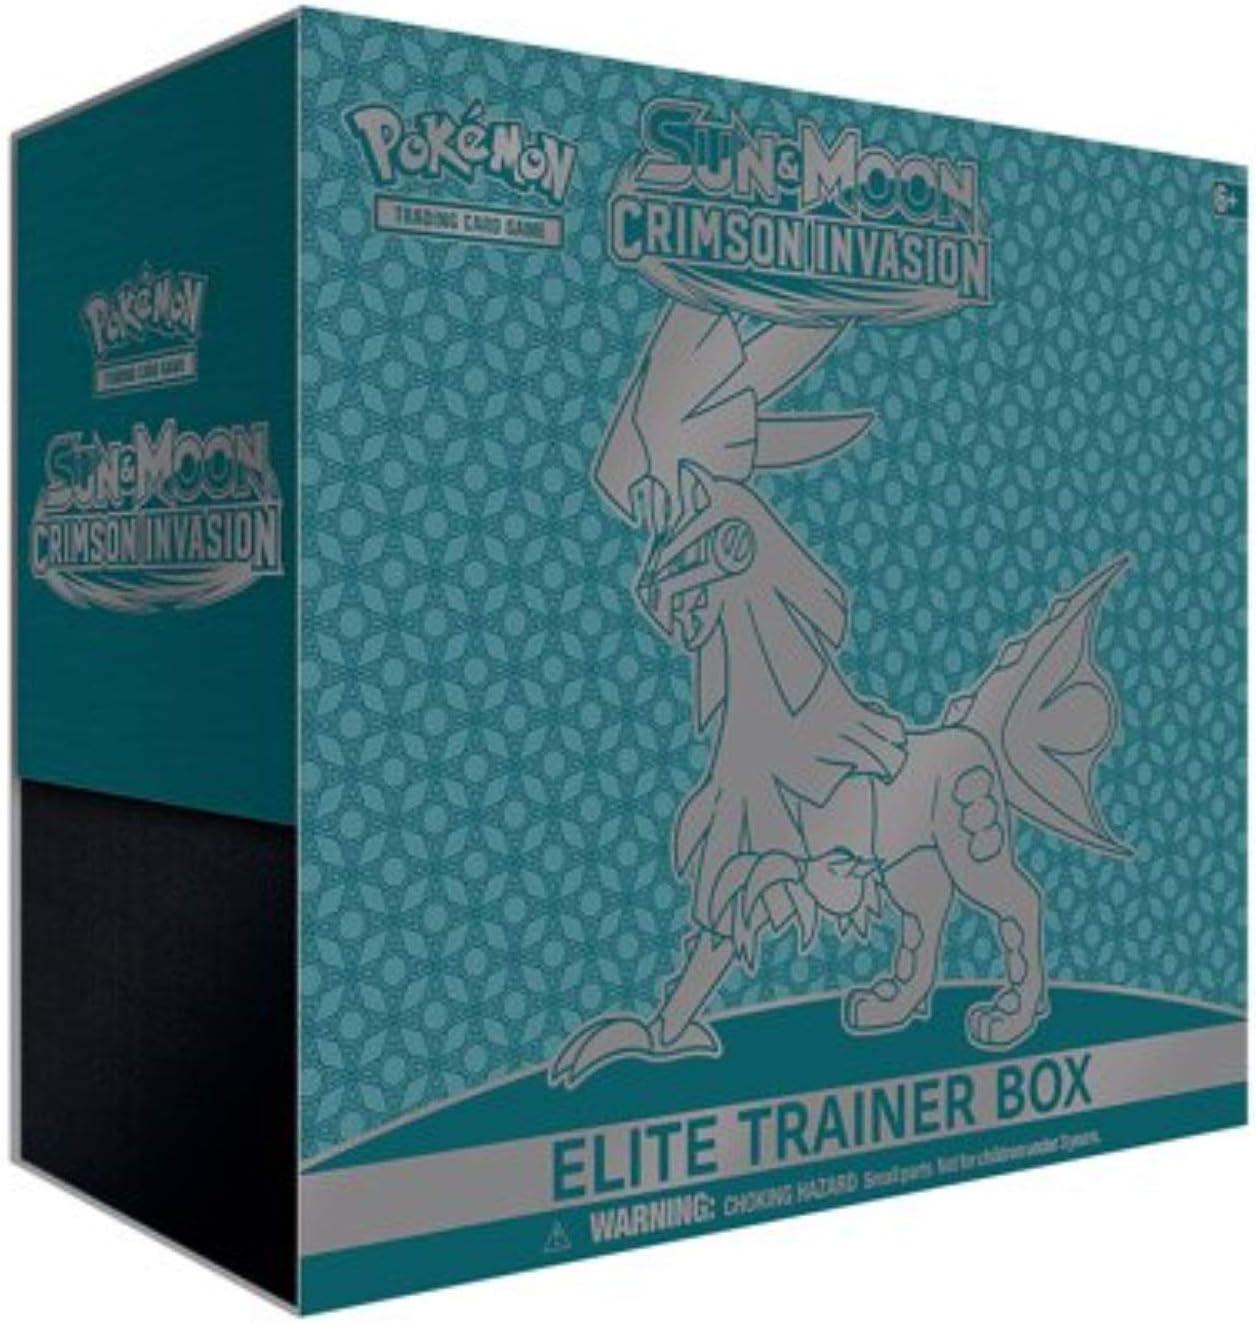 Pokemon Sun and Moon Crimson Invasion Elite Trainer Box Collectible Cards, Multicolor (820650802607-1)